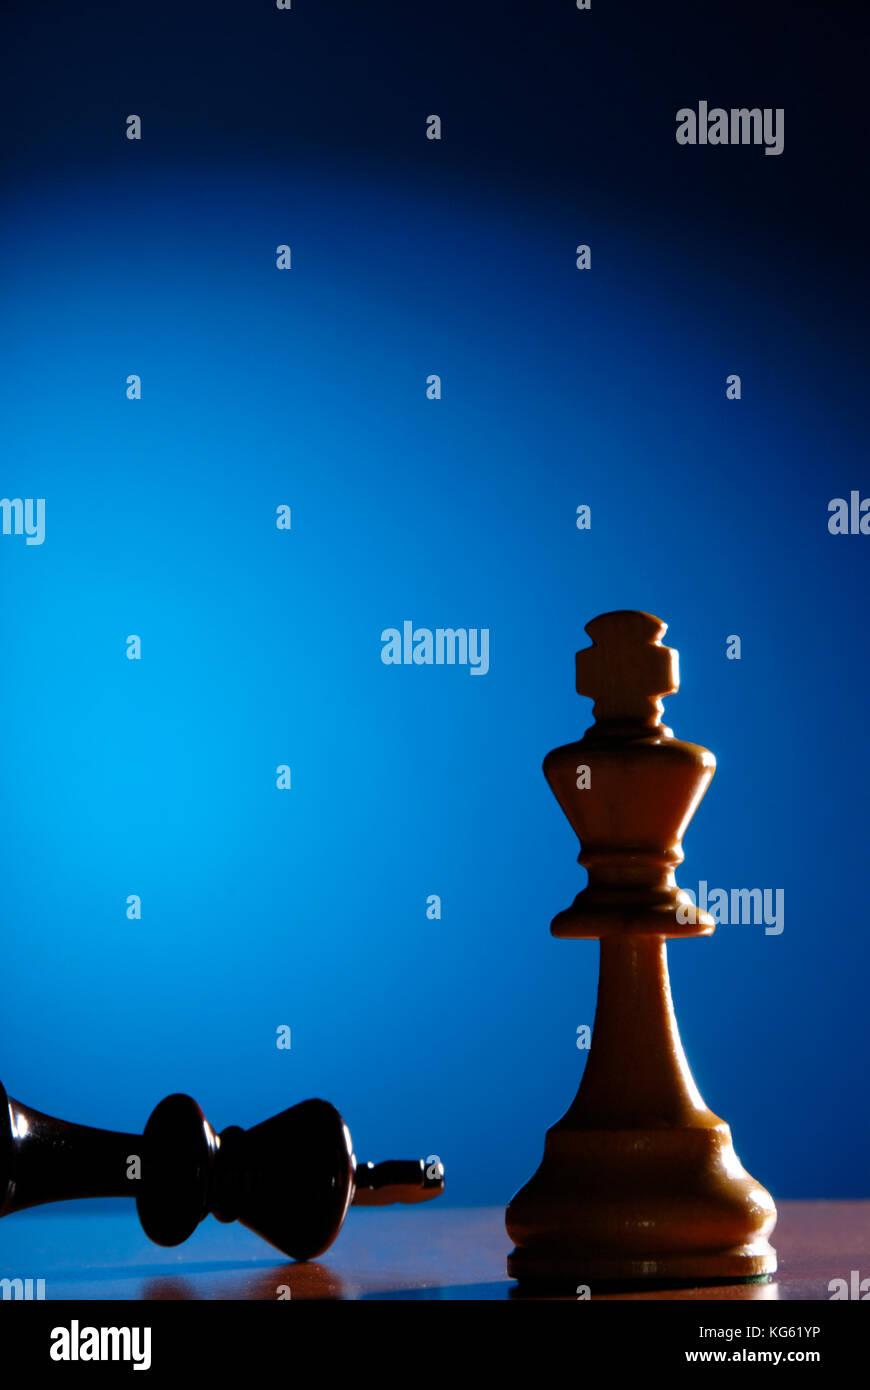 Re giù, fine del gioco di scacchi con scacco matto Immagini Stock